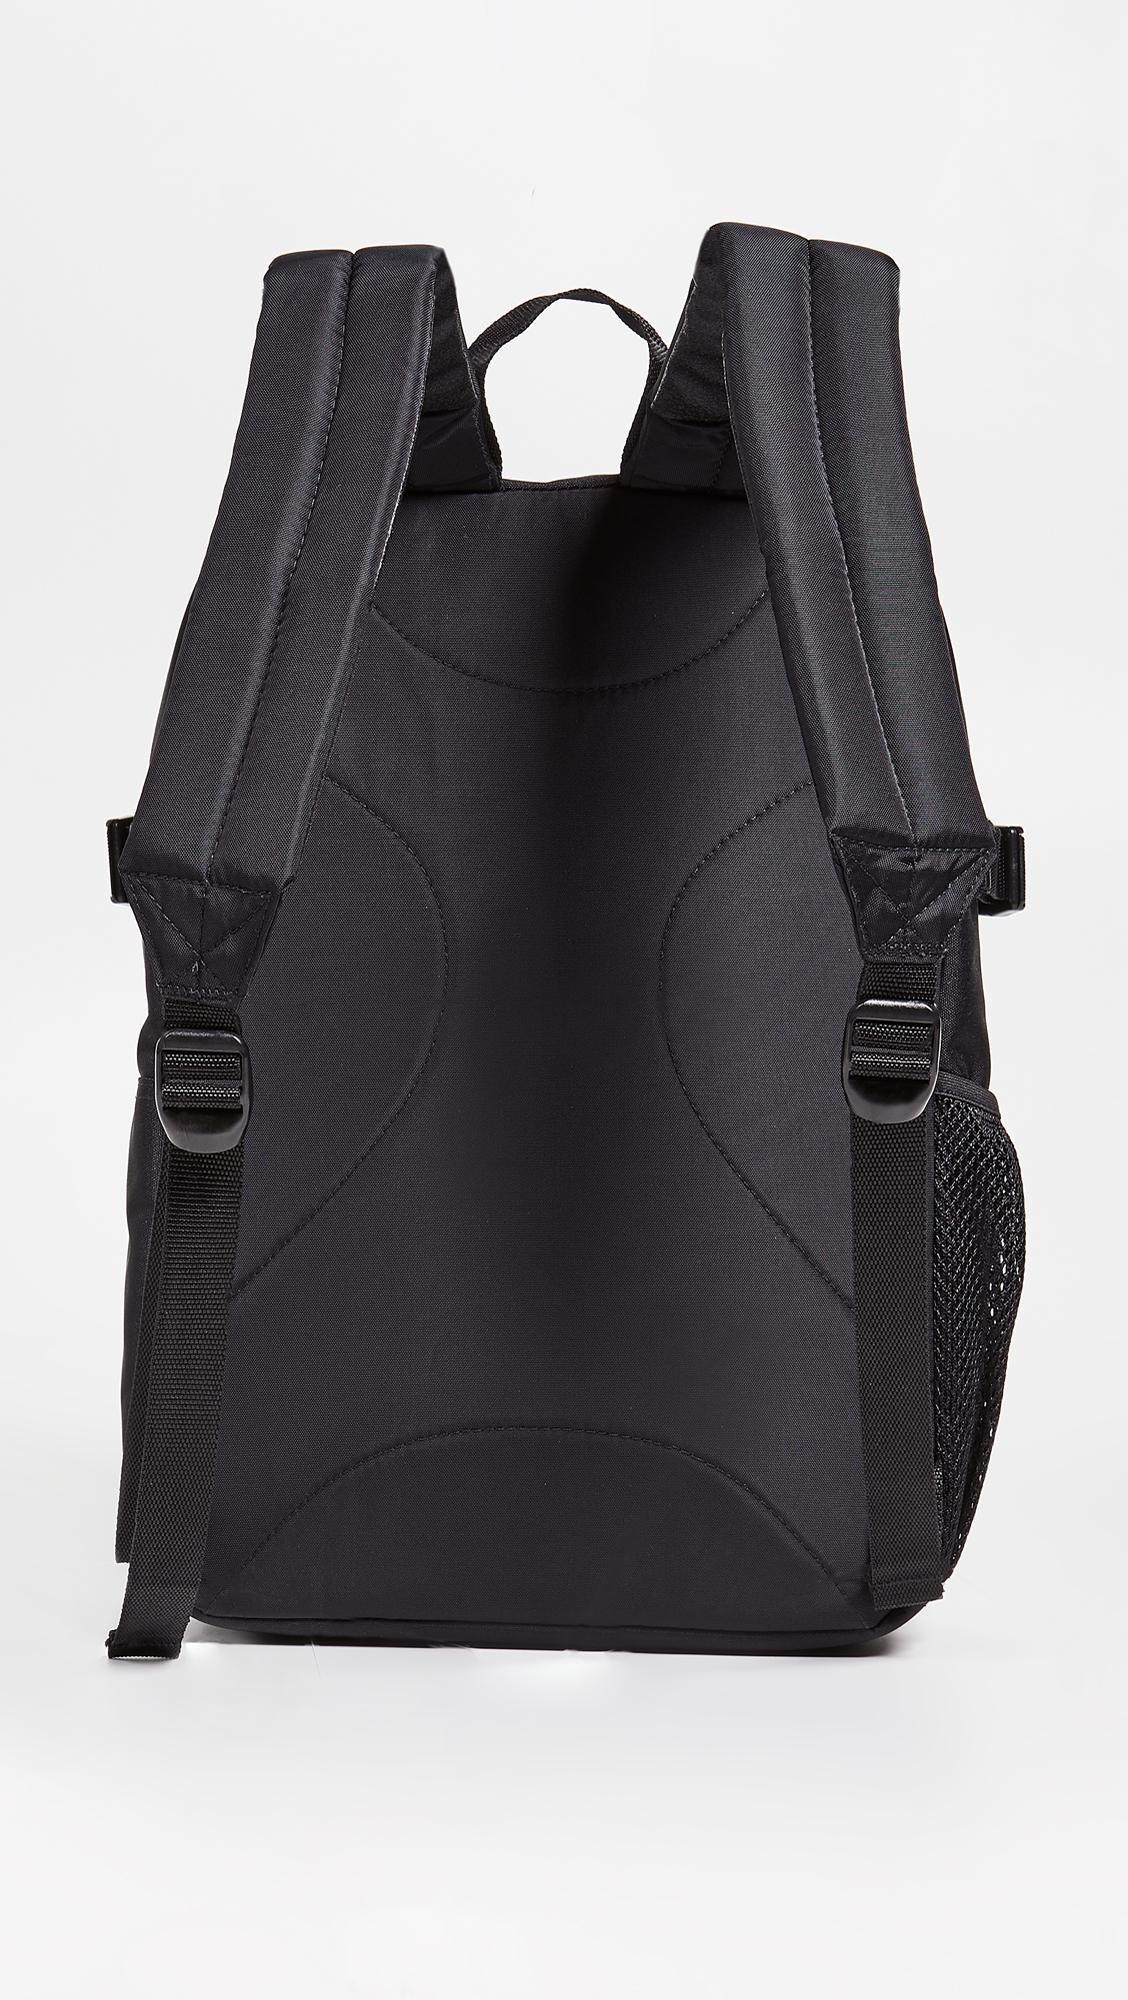 Eastpak - Black Standler Backpack for Men - Lyst. View fullscreen 9e69780769feb